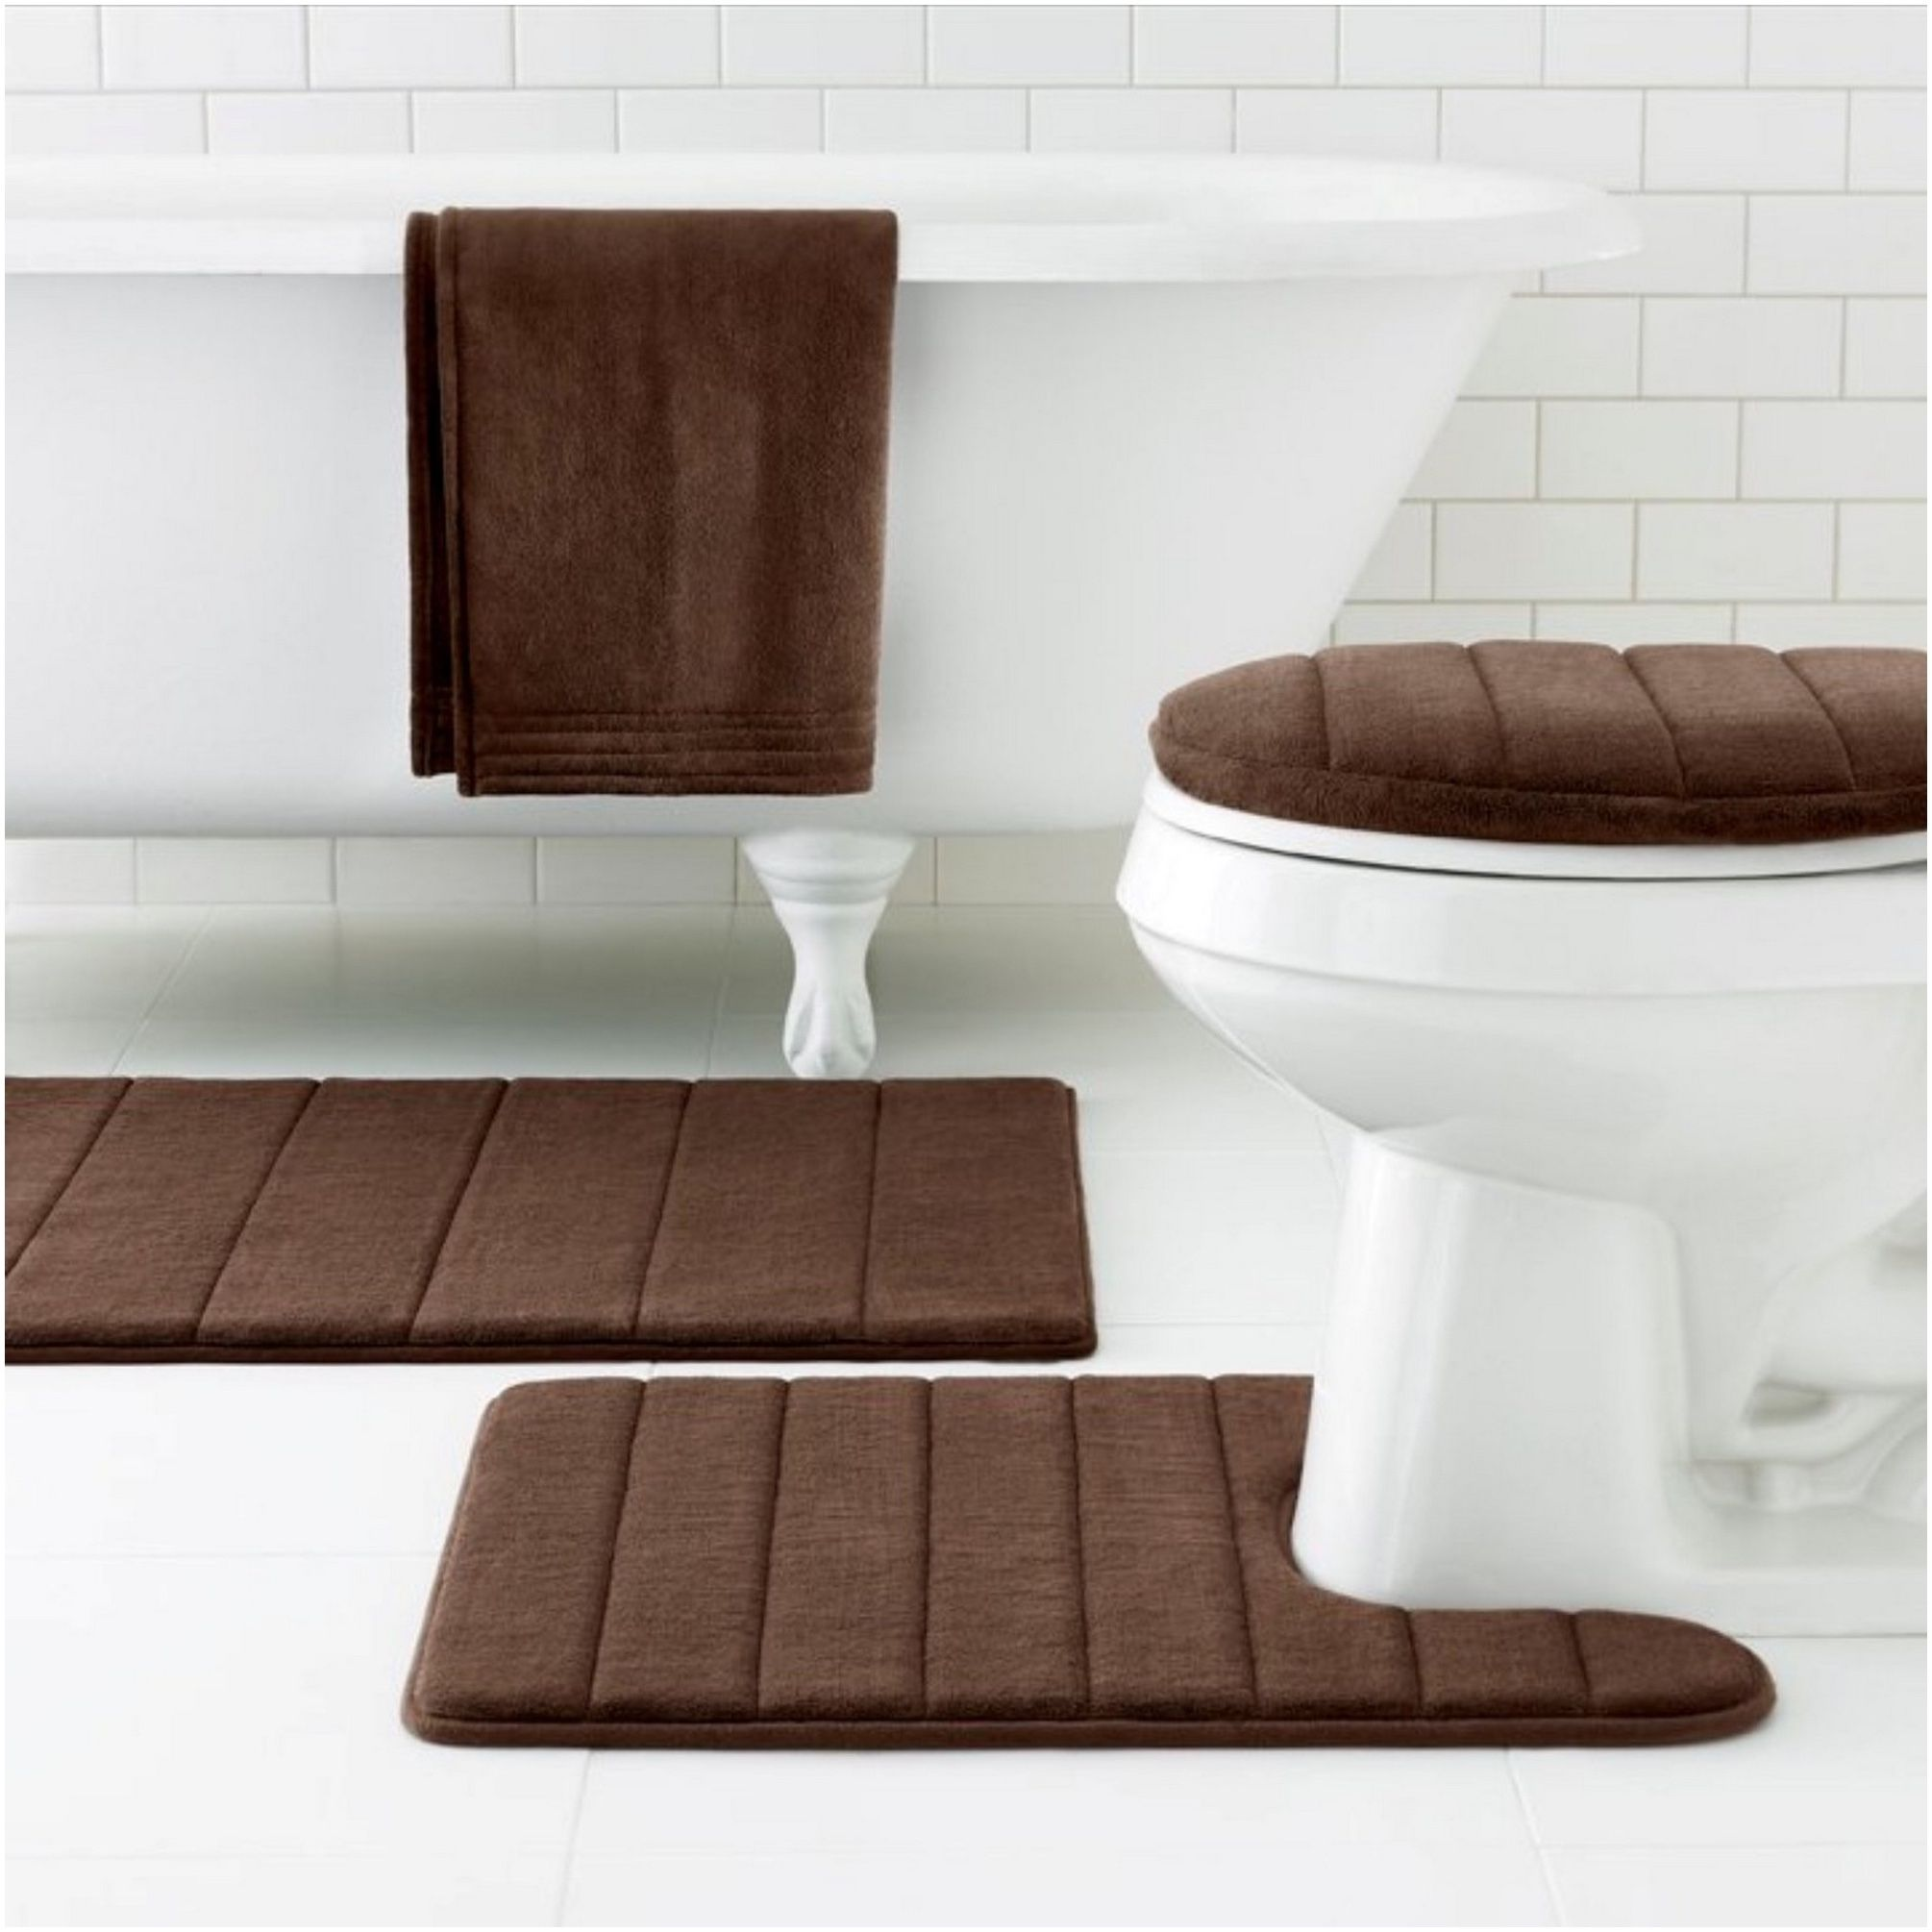 Modern Bathroom Rugs Bathroom Rug Sets Bathroom Flooring Bathroom Floor Mat [ 2010 x 2010 Pixel ]